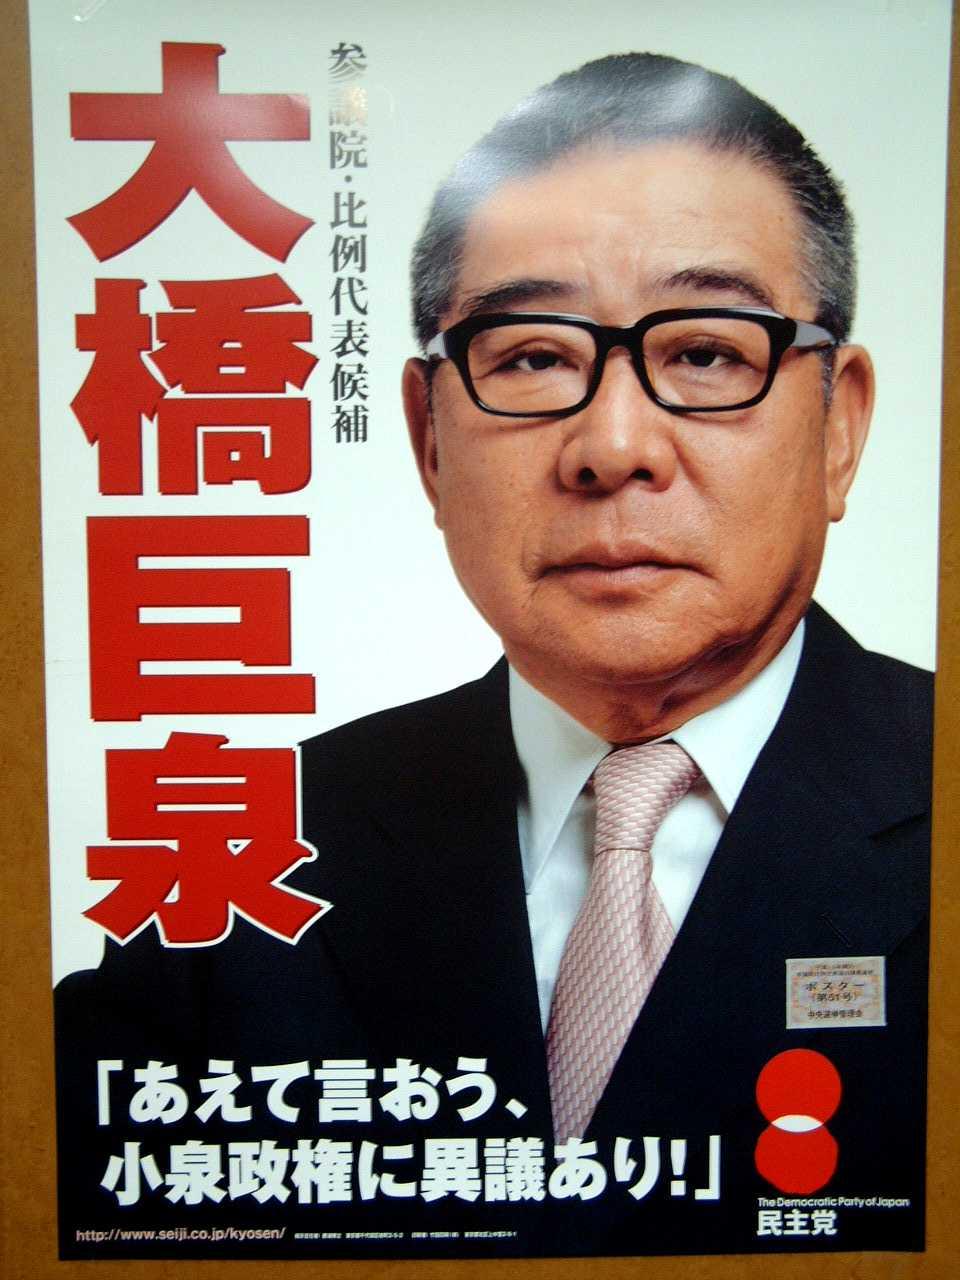 若乃花幹士 (初代)の画像 p1_27